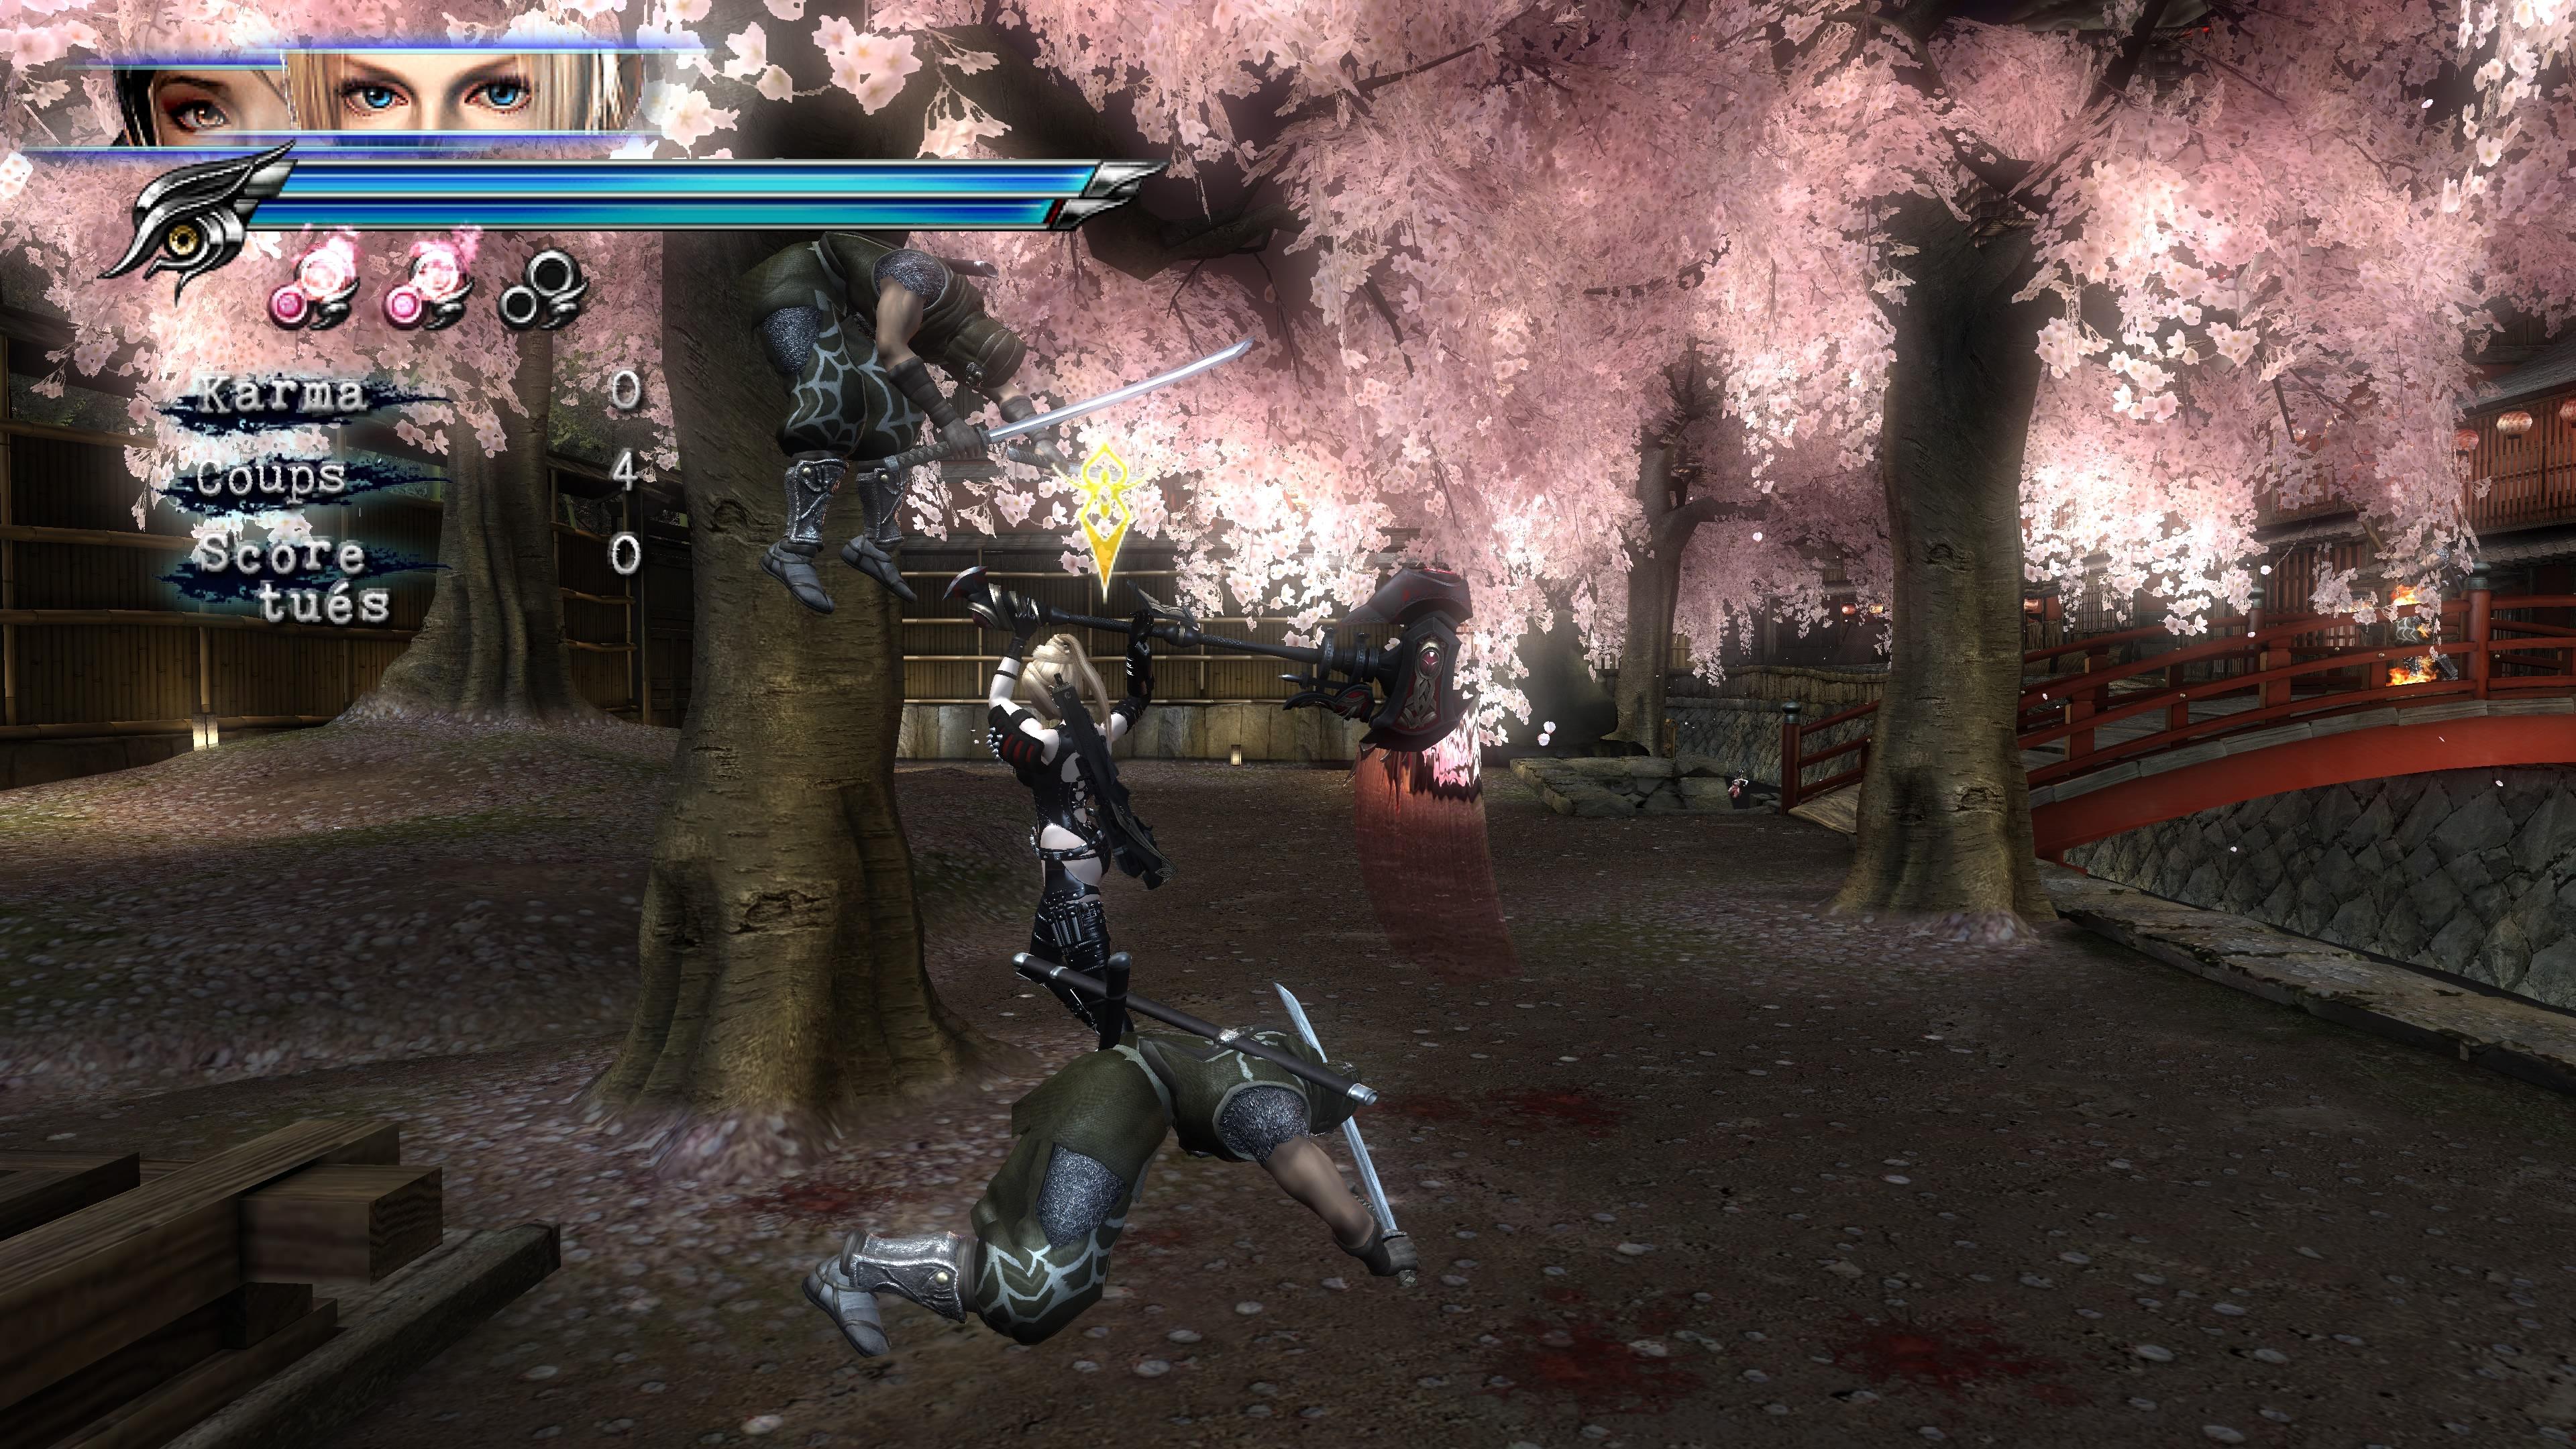 NinjaGaidenMasterCollection PS4 Test 013